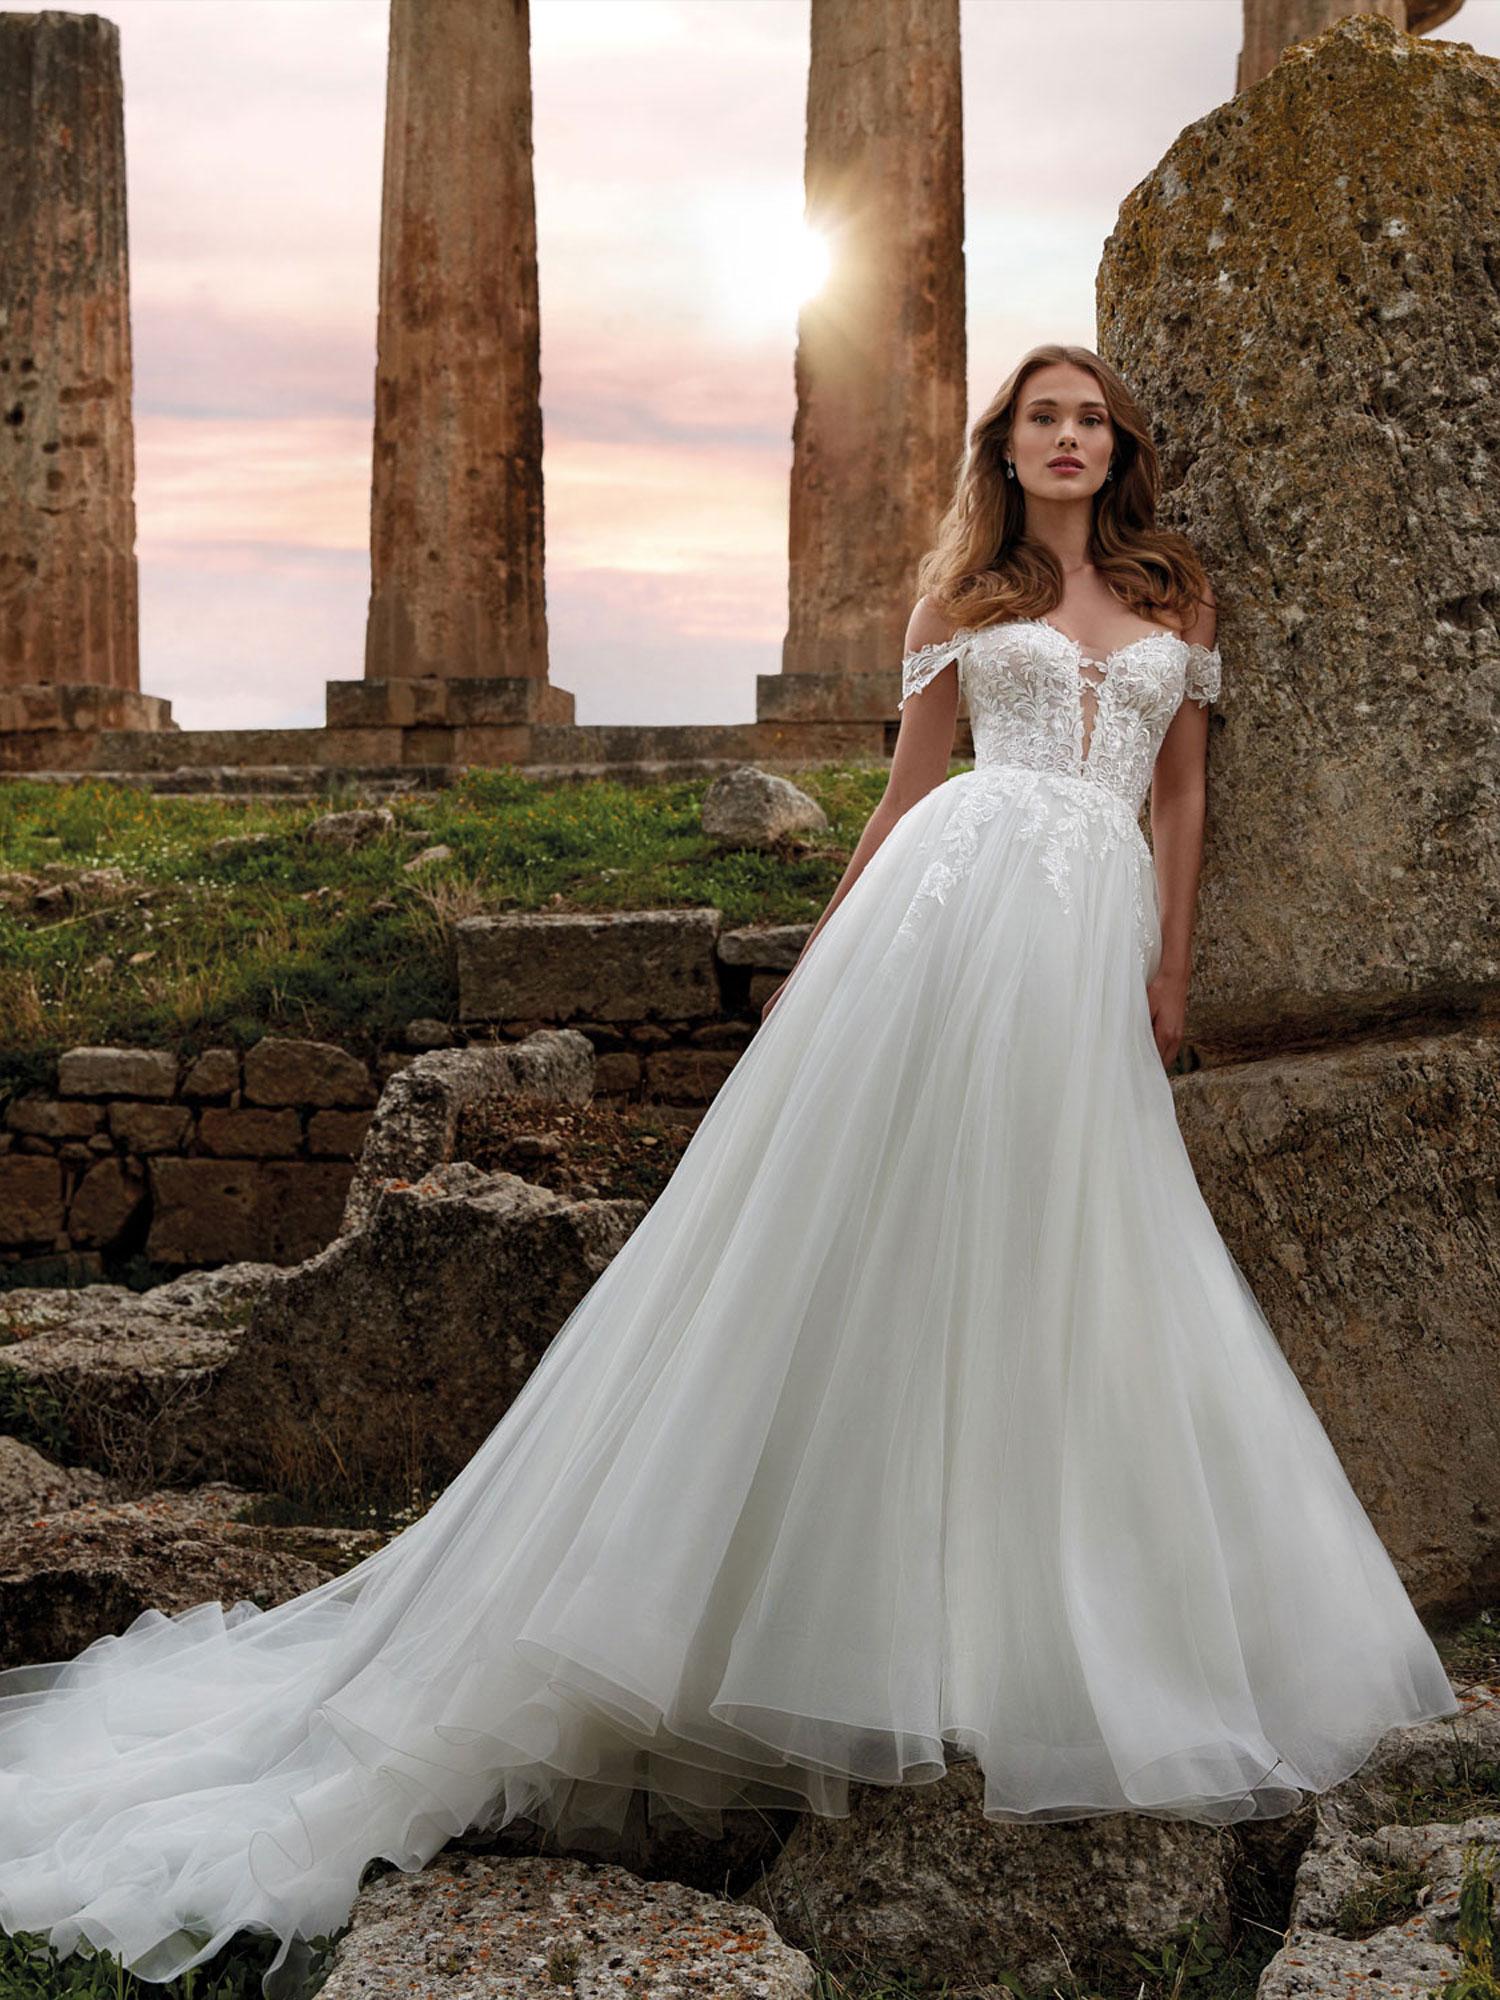 Nicole 2022 abito vestito sposa Vicenza IRIDE